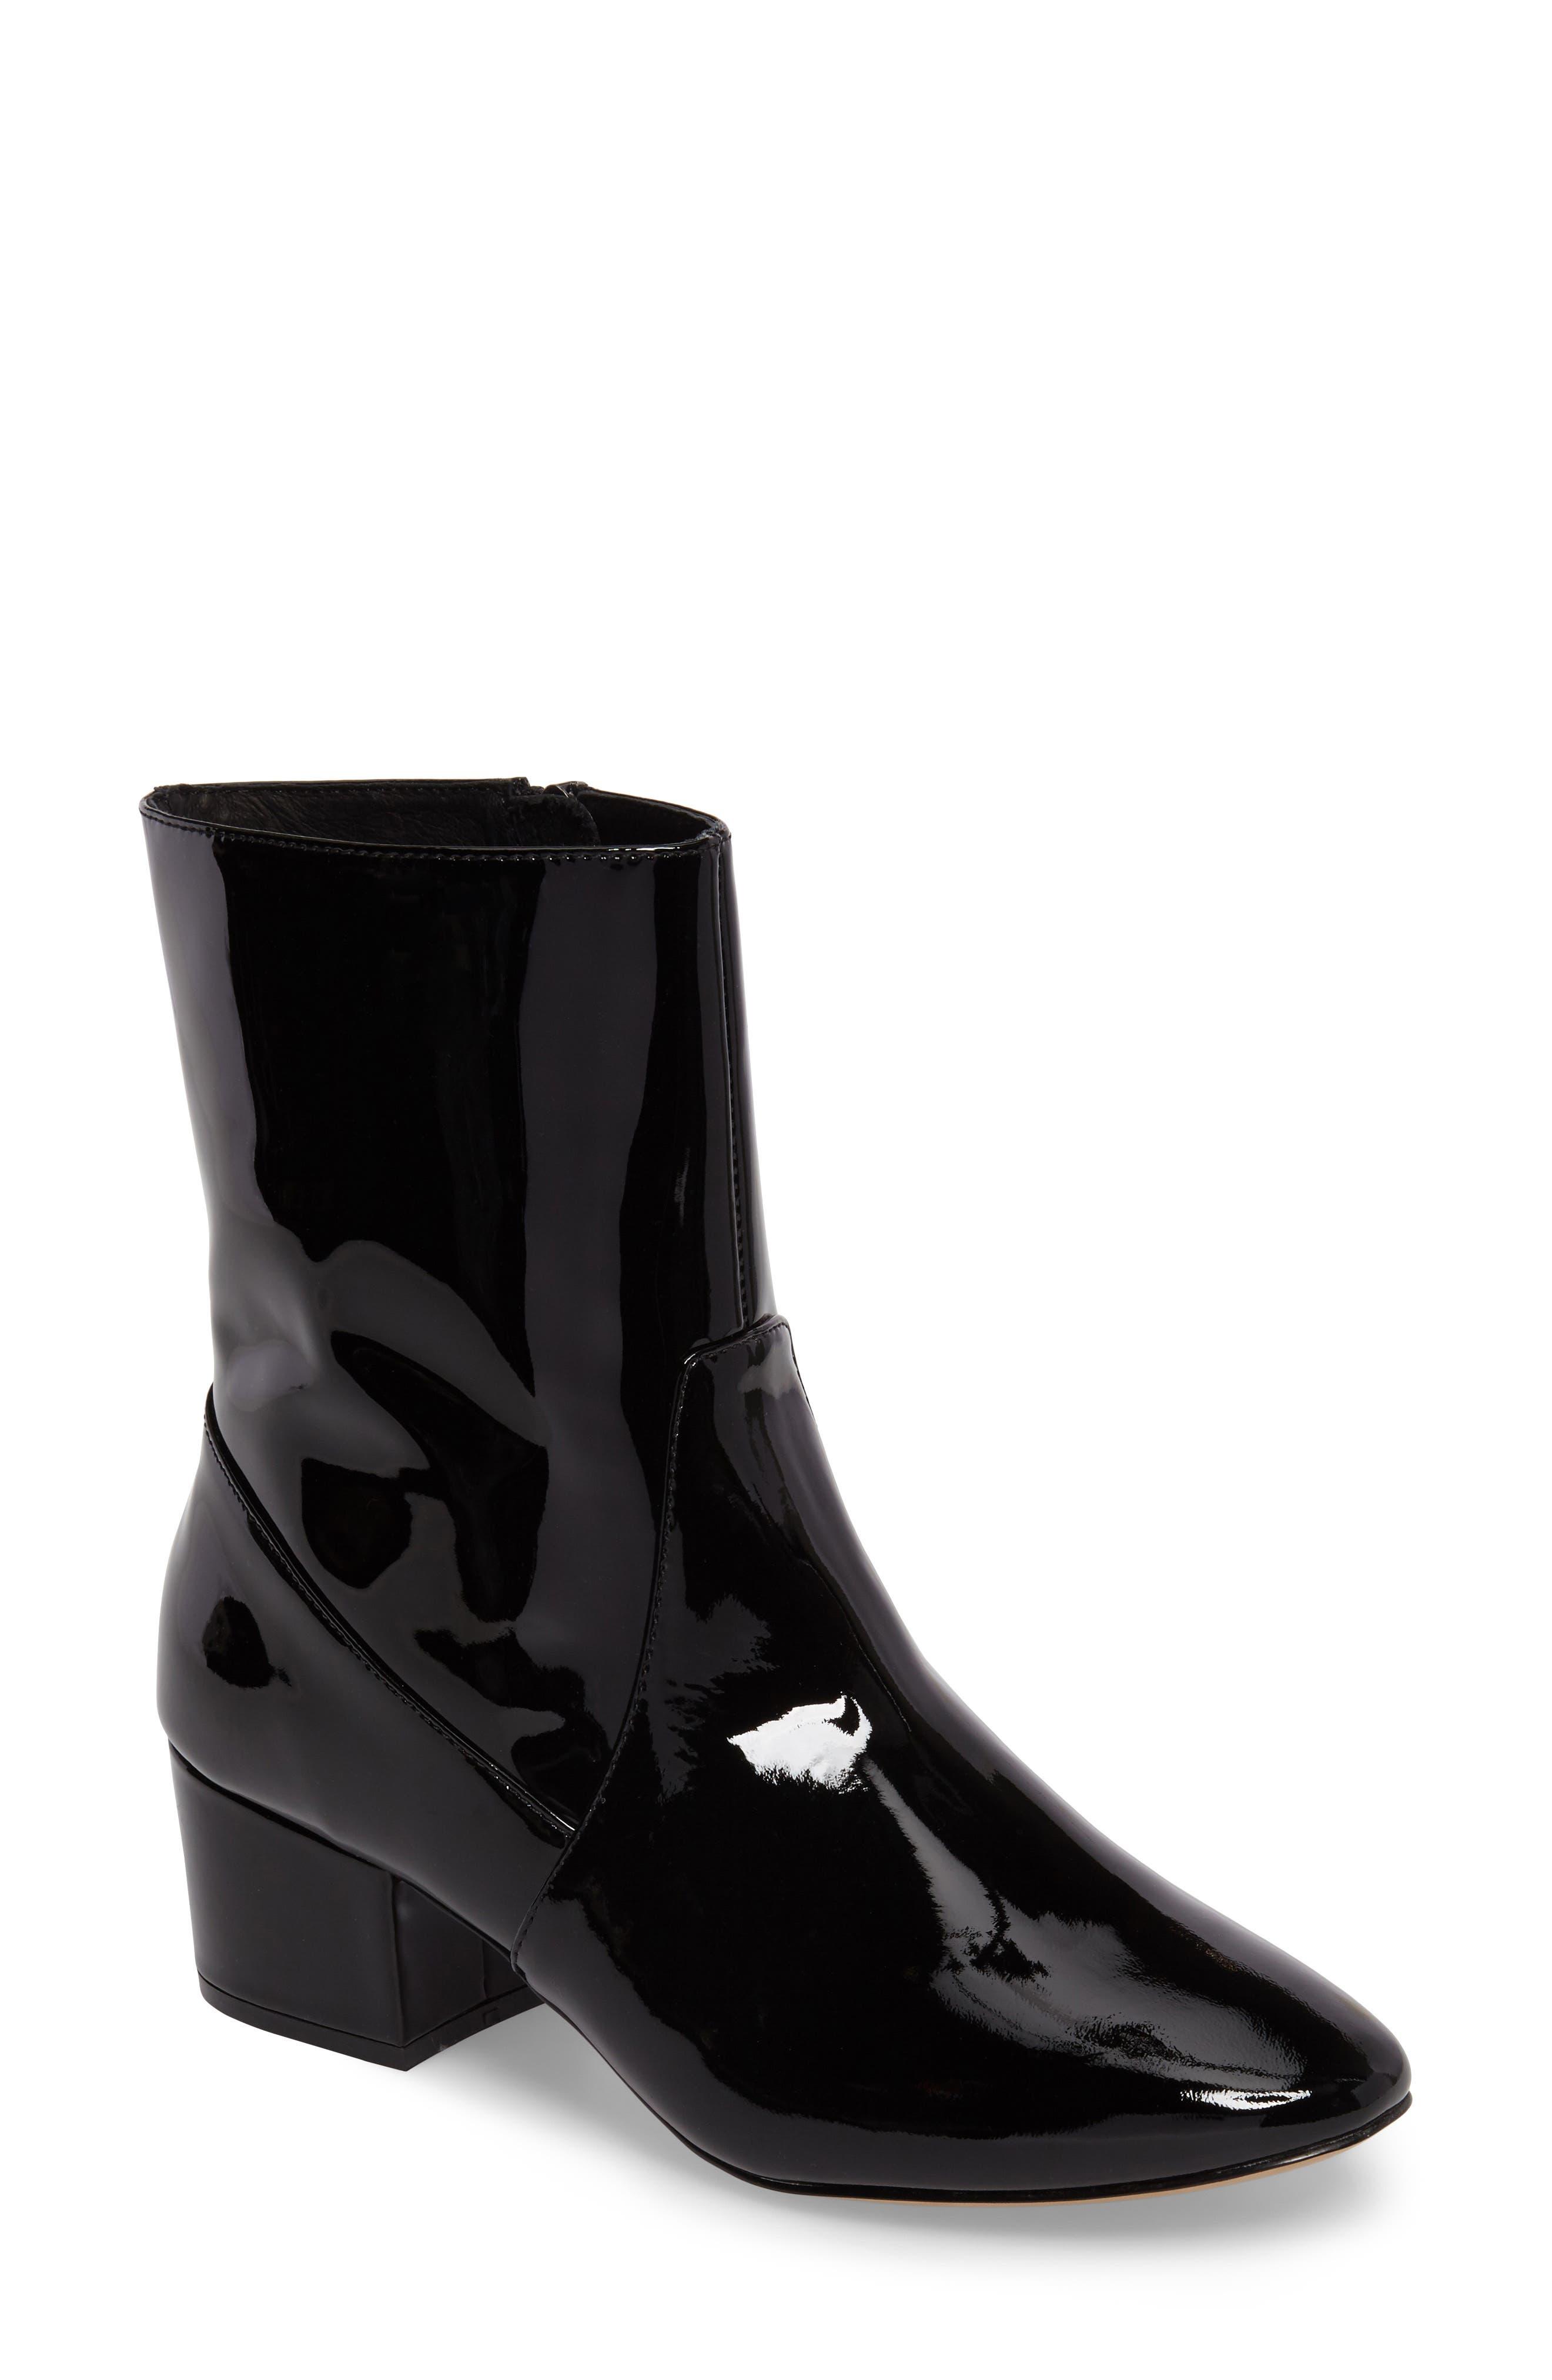 Main Image - Botkier Gable Patent Block Heel Bootie (Women)